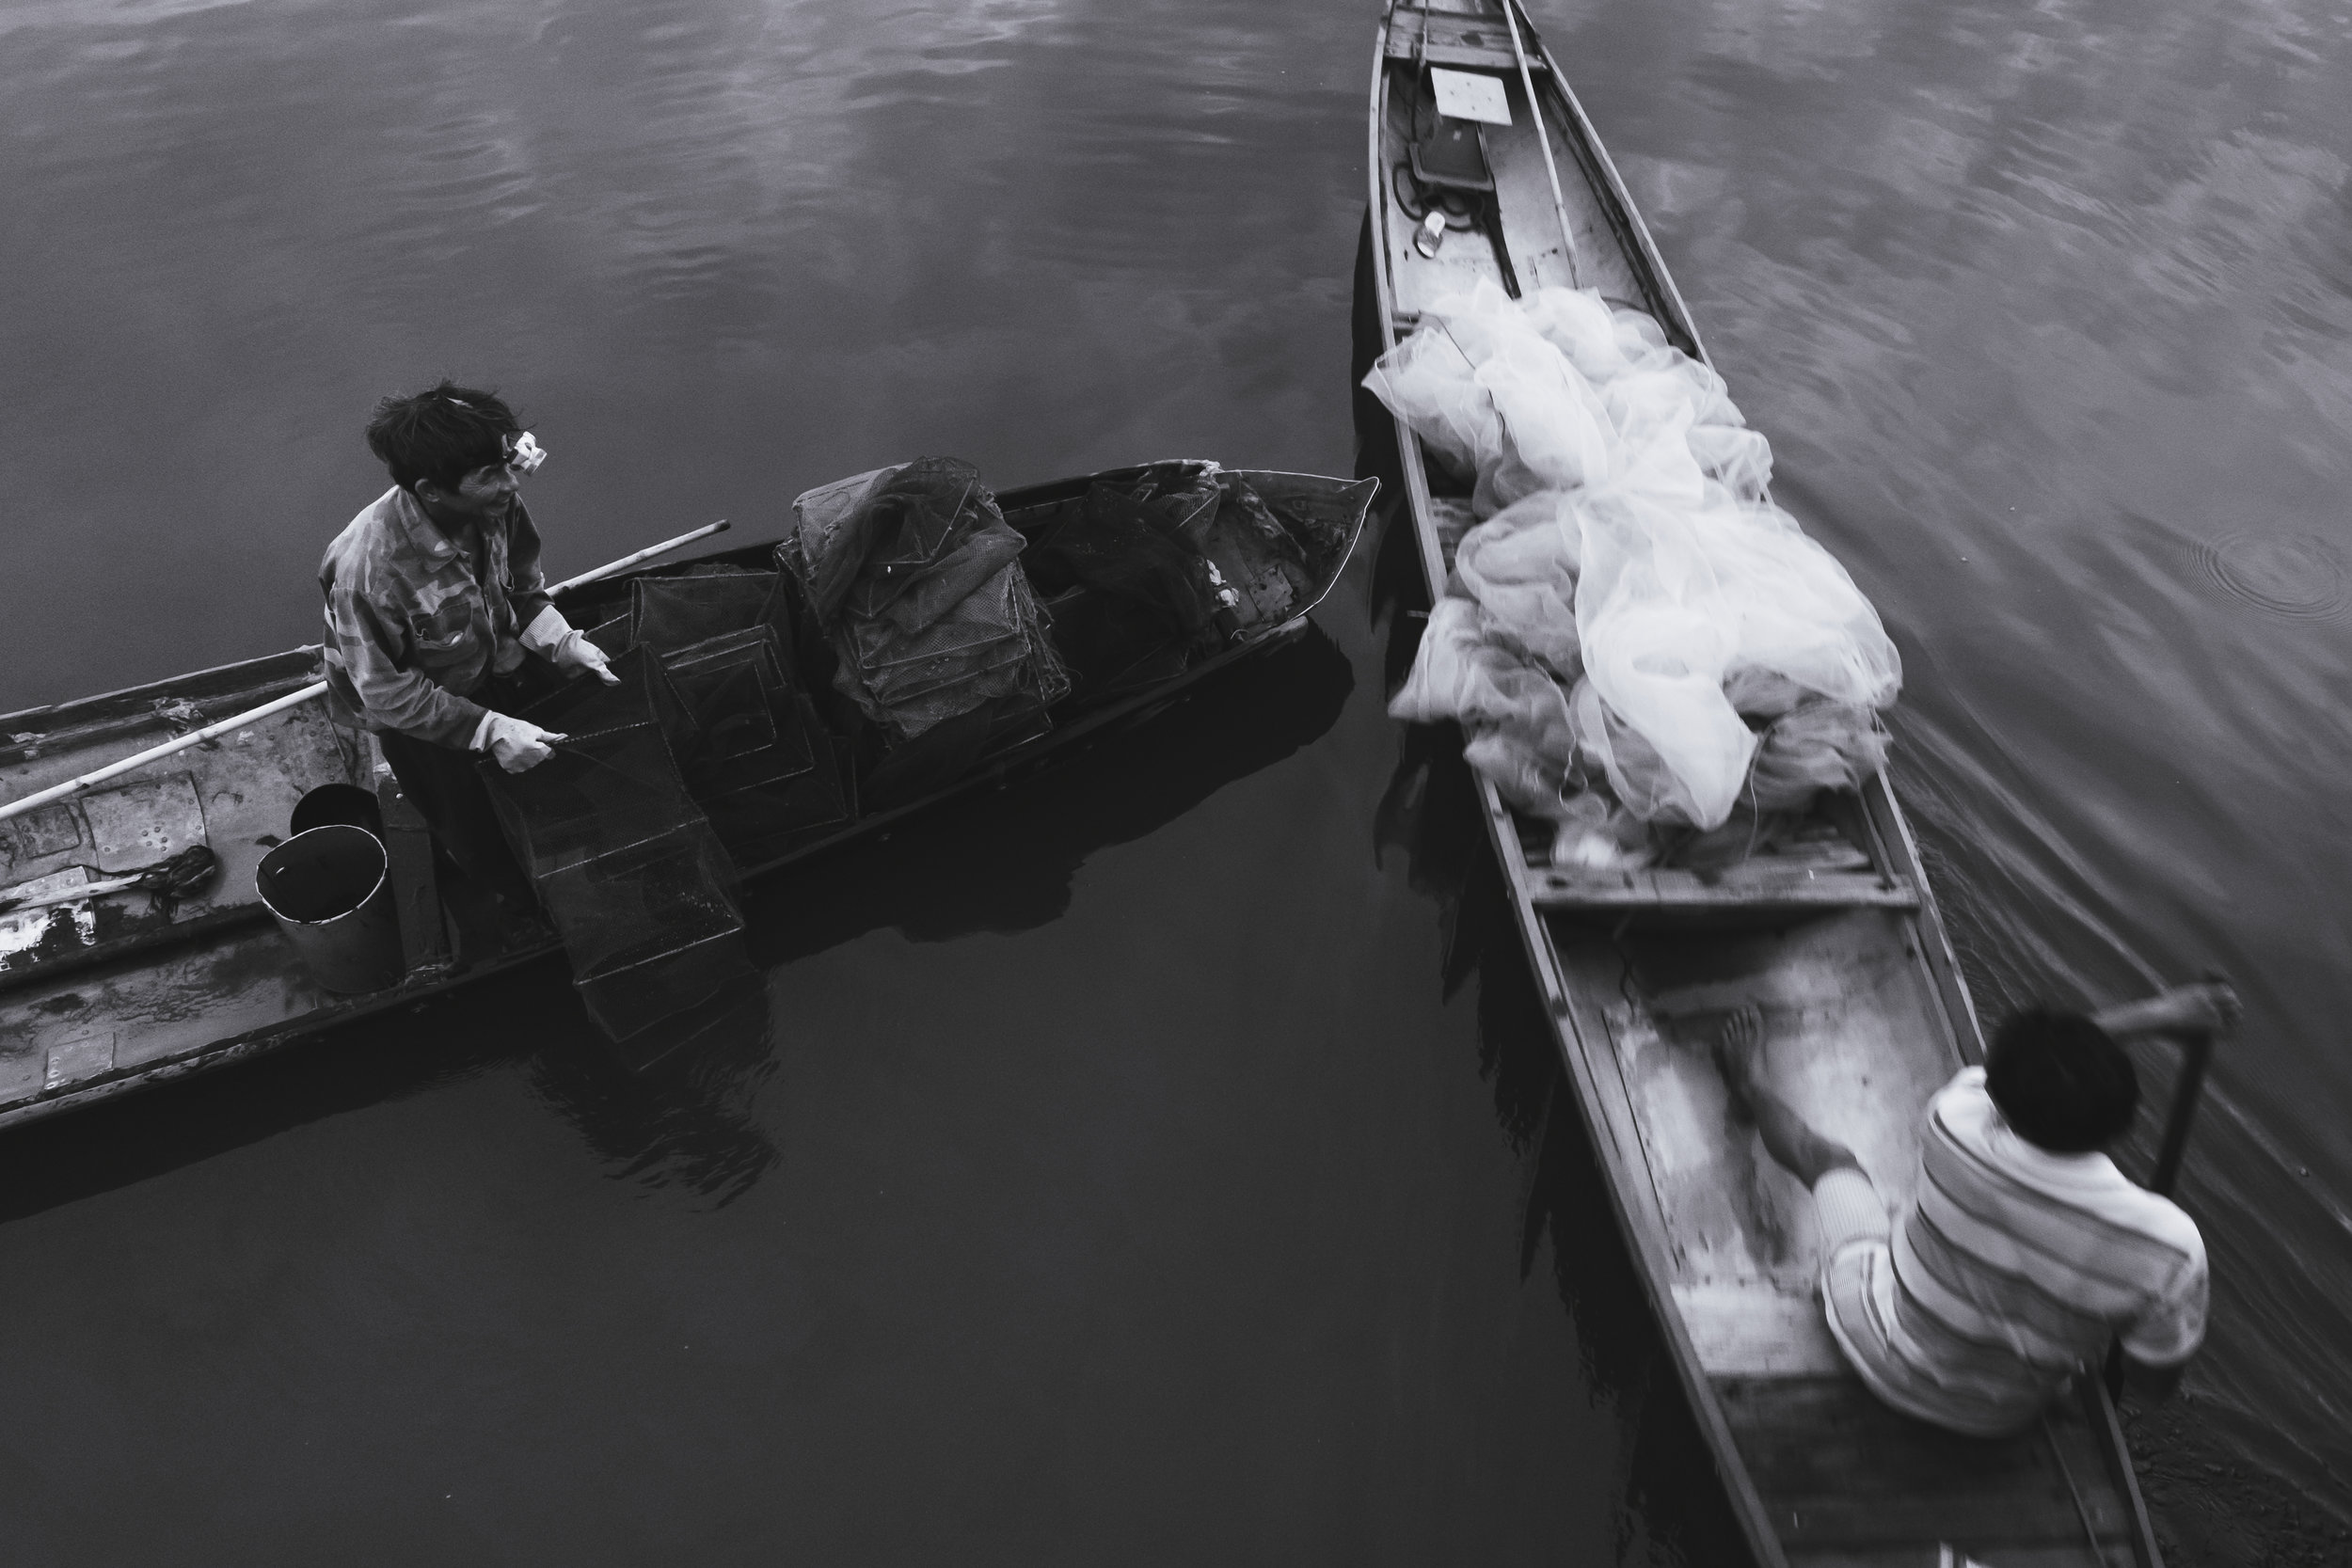 Boats-meet